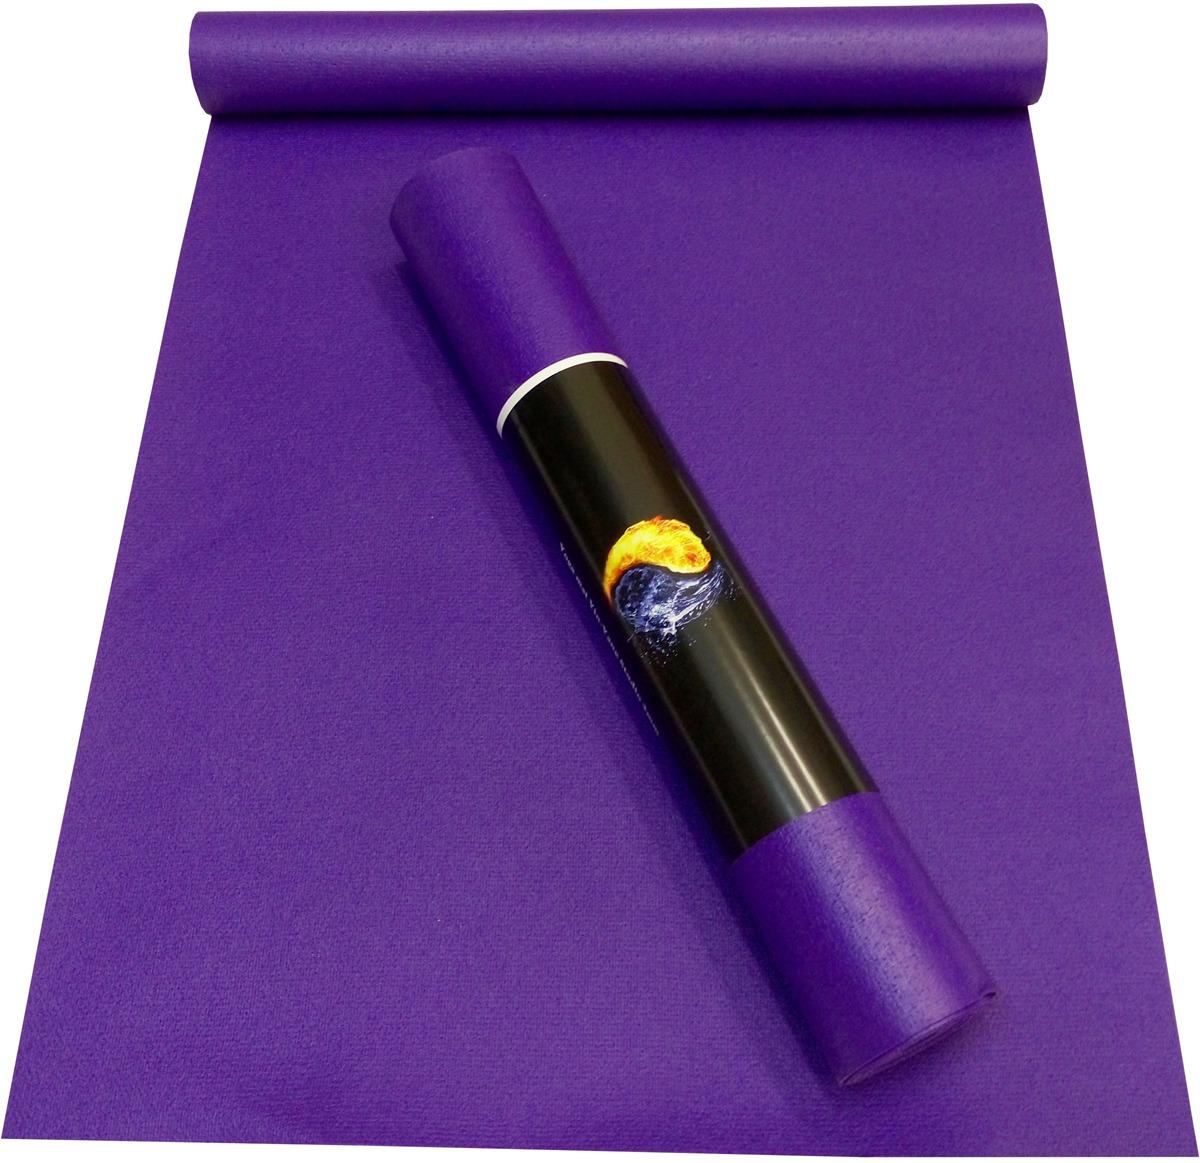 Коврик для йоги Ako-Yoga Yin-Yang Studio, цвет: фиолетовый, 200 х 80 см коврик для йоги onerun цвет фиолетовый 183 х 61 х 0 4 см